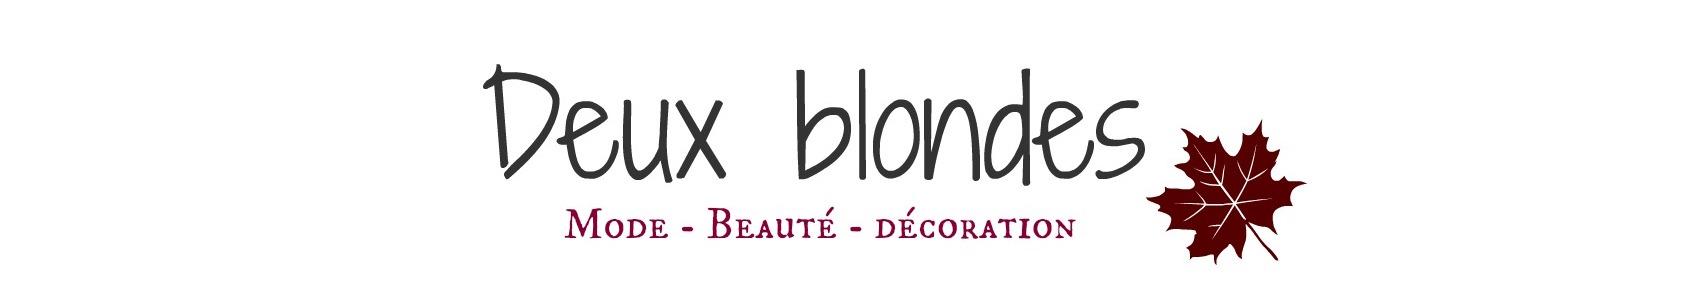 Deux blondes